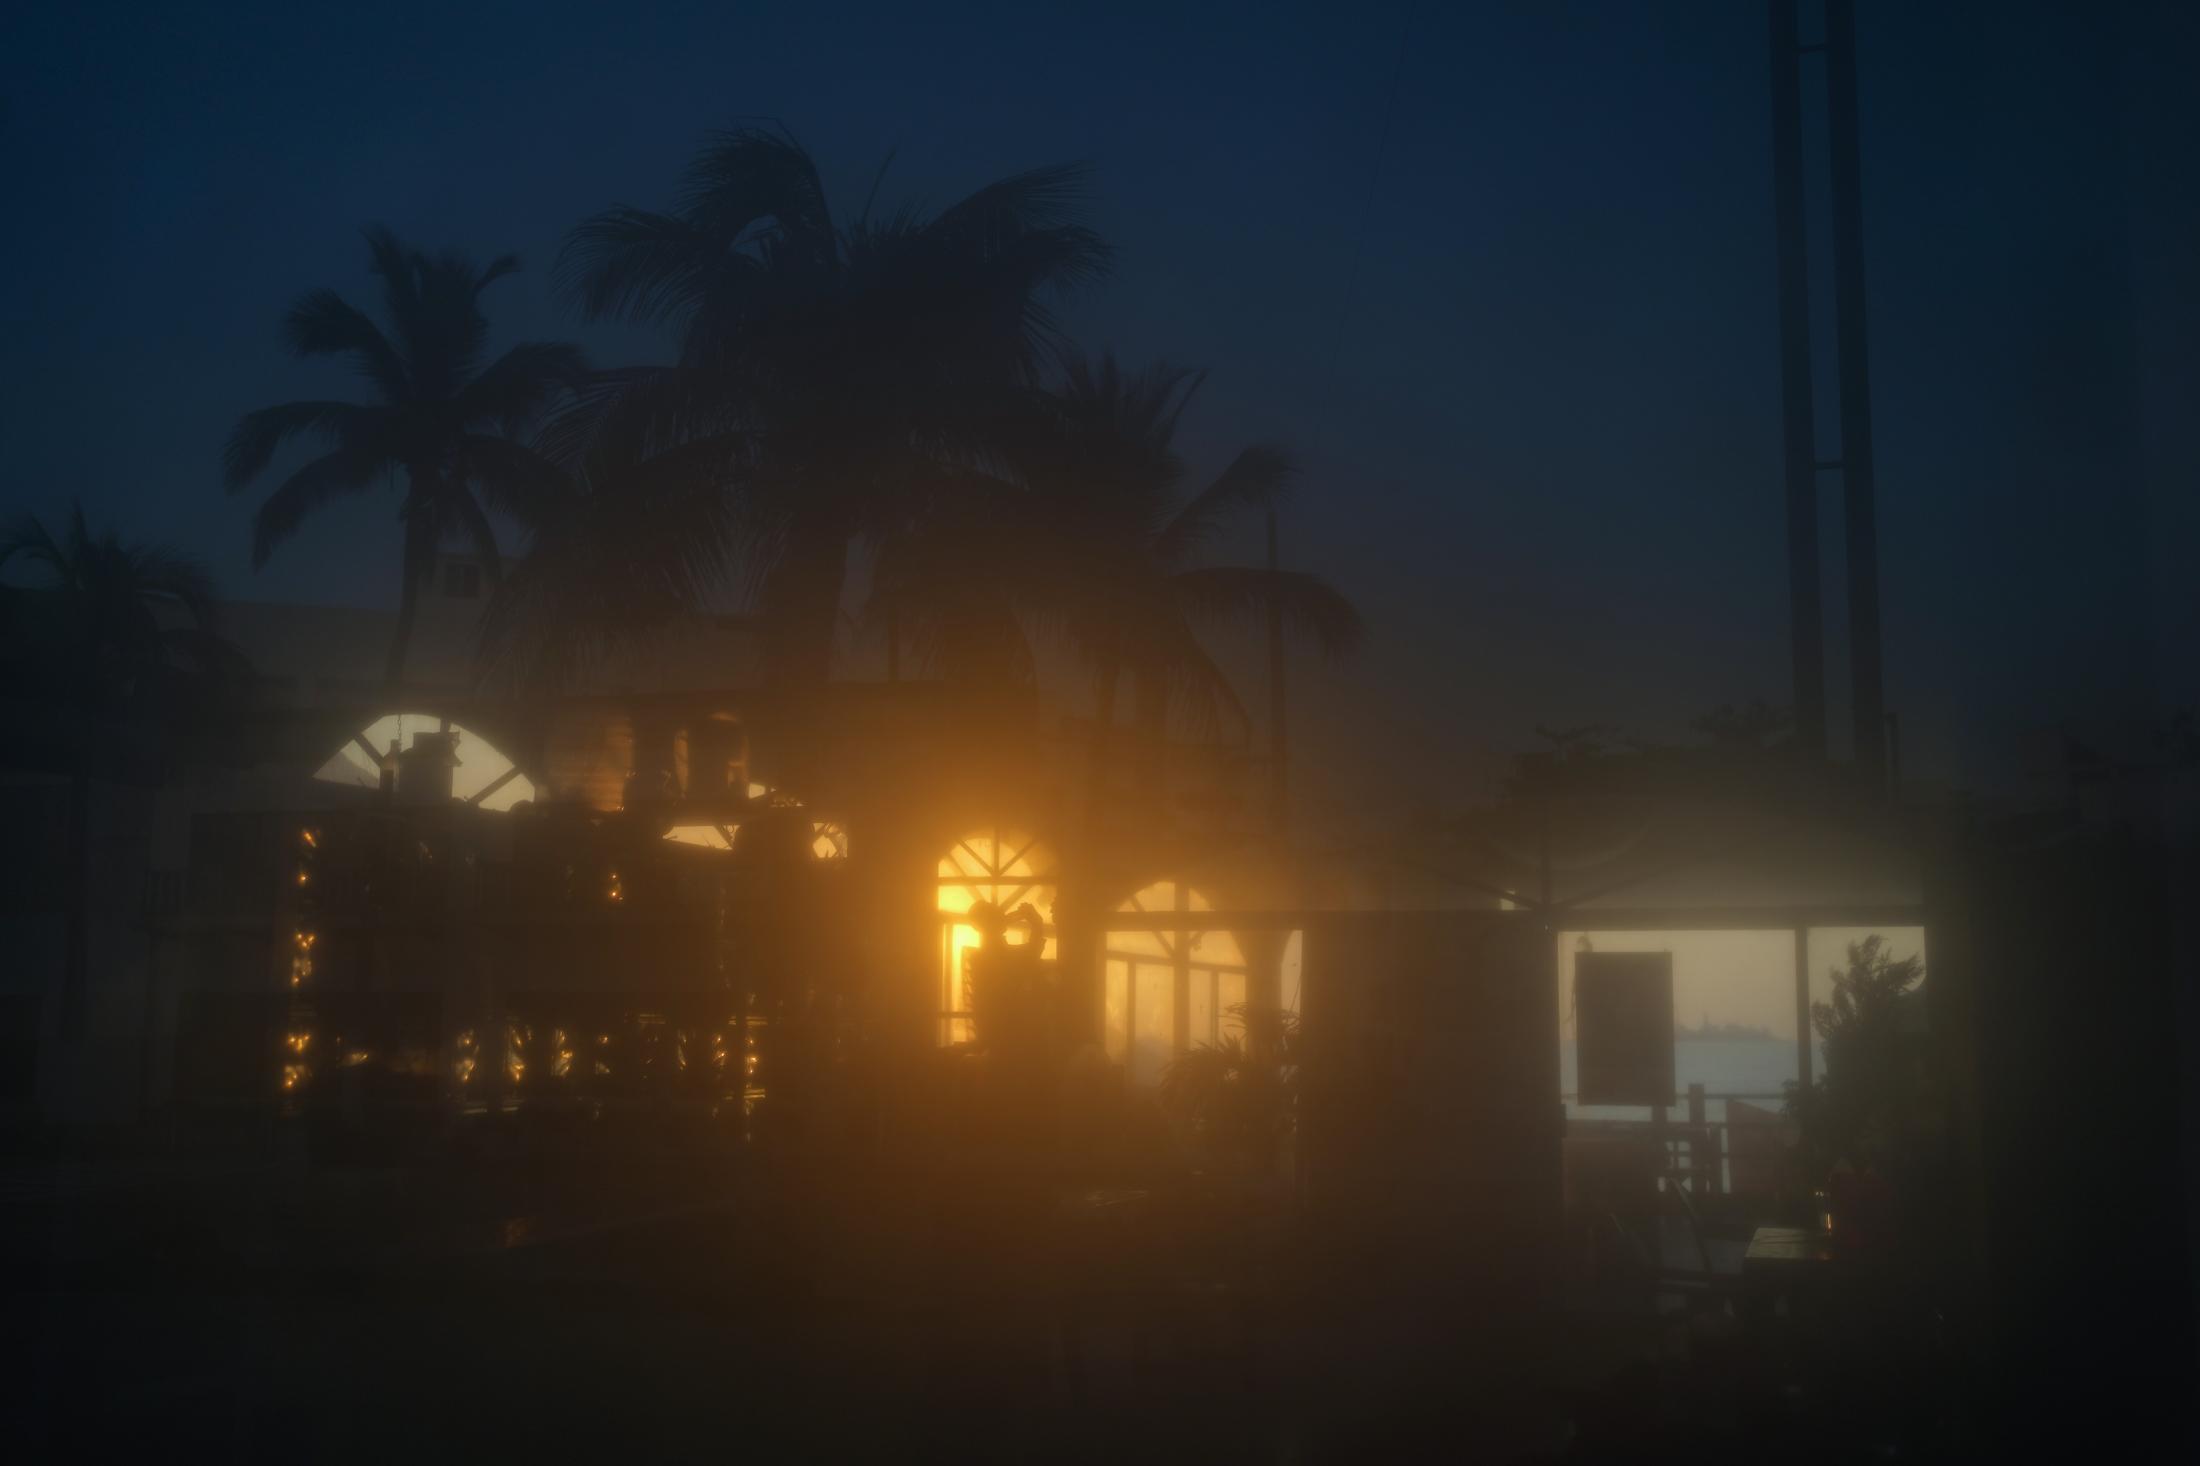 Las palapas cerradas, donde trabajaba Paola Reyes, se observan a través de un reflejo durante el amanecer en medio de la pandemia por Covid-19. En el Puerto de Veracruz, México. El 25 de Marzo del 2021.